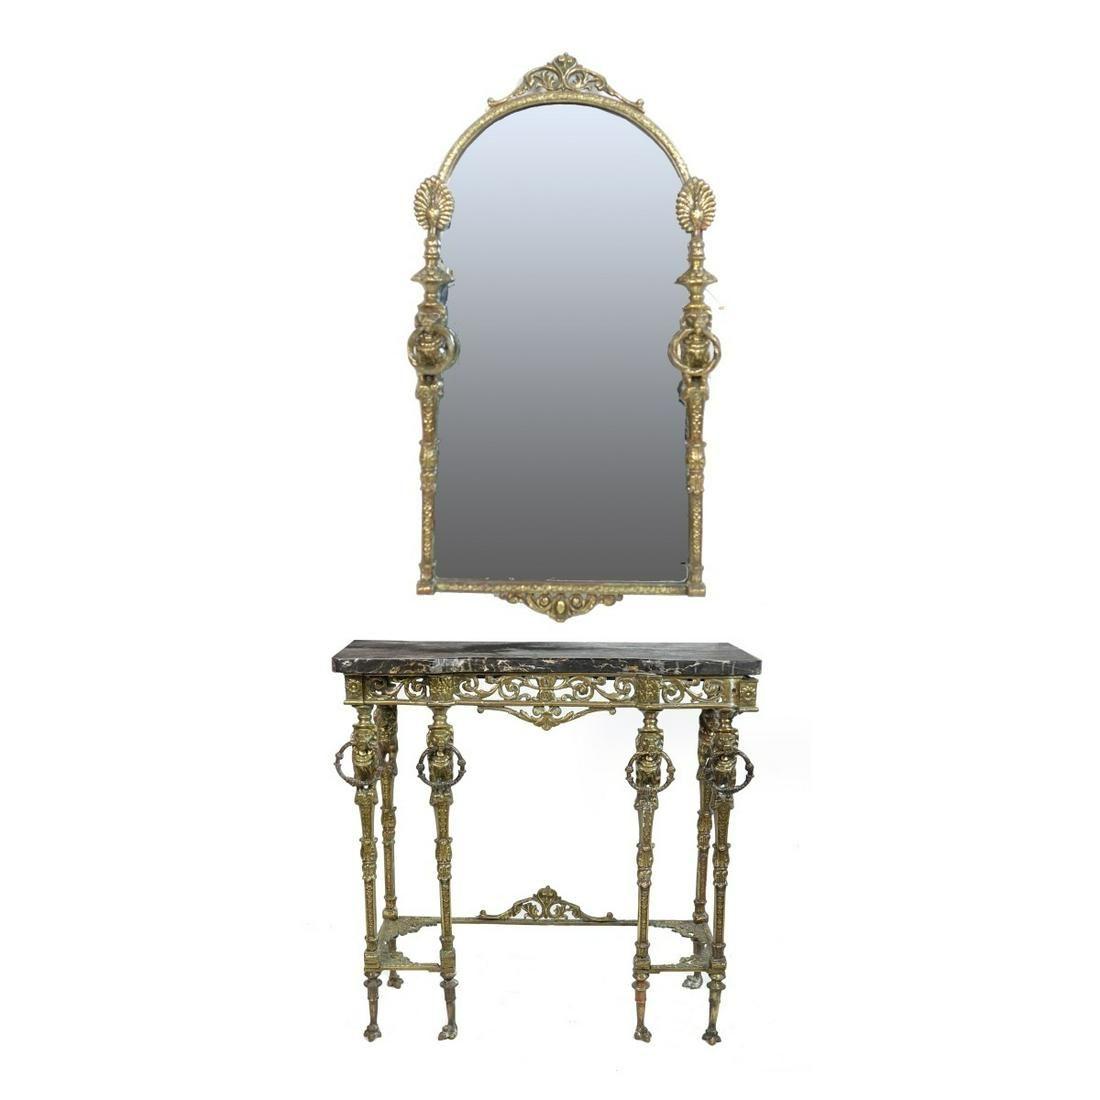 Attrib: Oscar Bach Console Table and Mirror